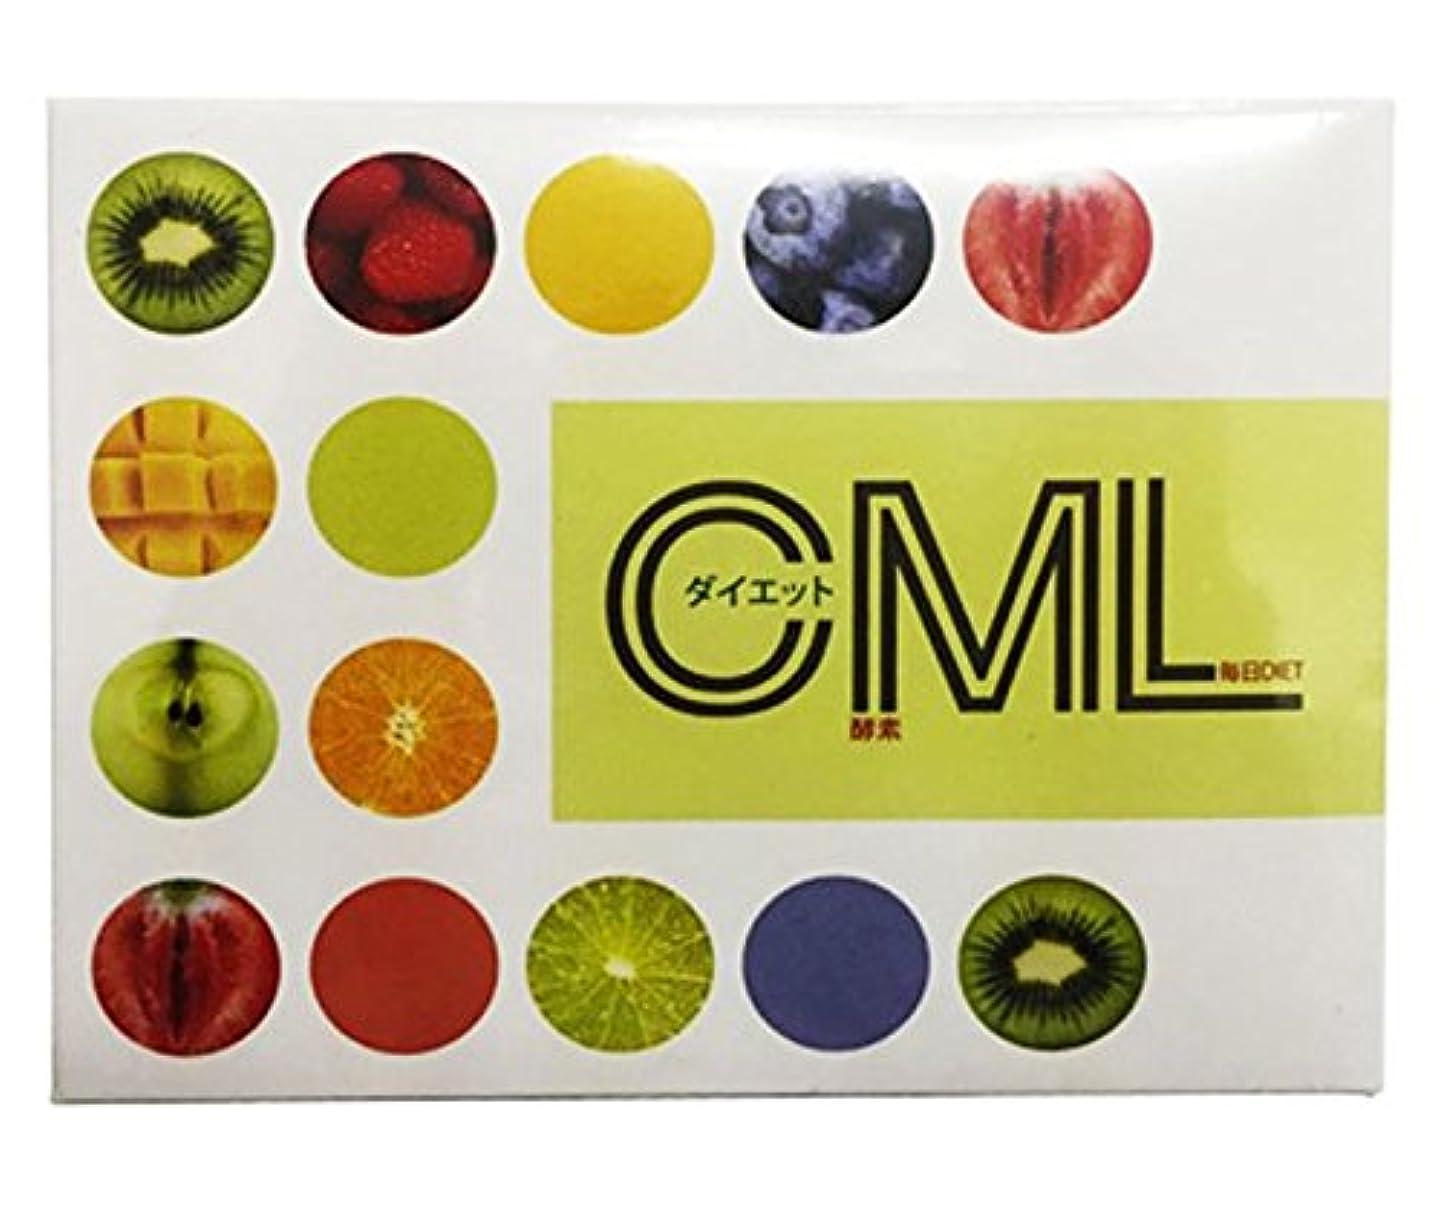 ネックレス適格対称CML 毎日ダイエット 多麹菌酵素サプリメント 7種の穀物酵素